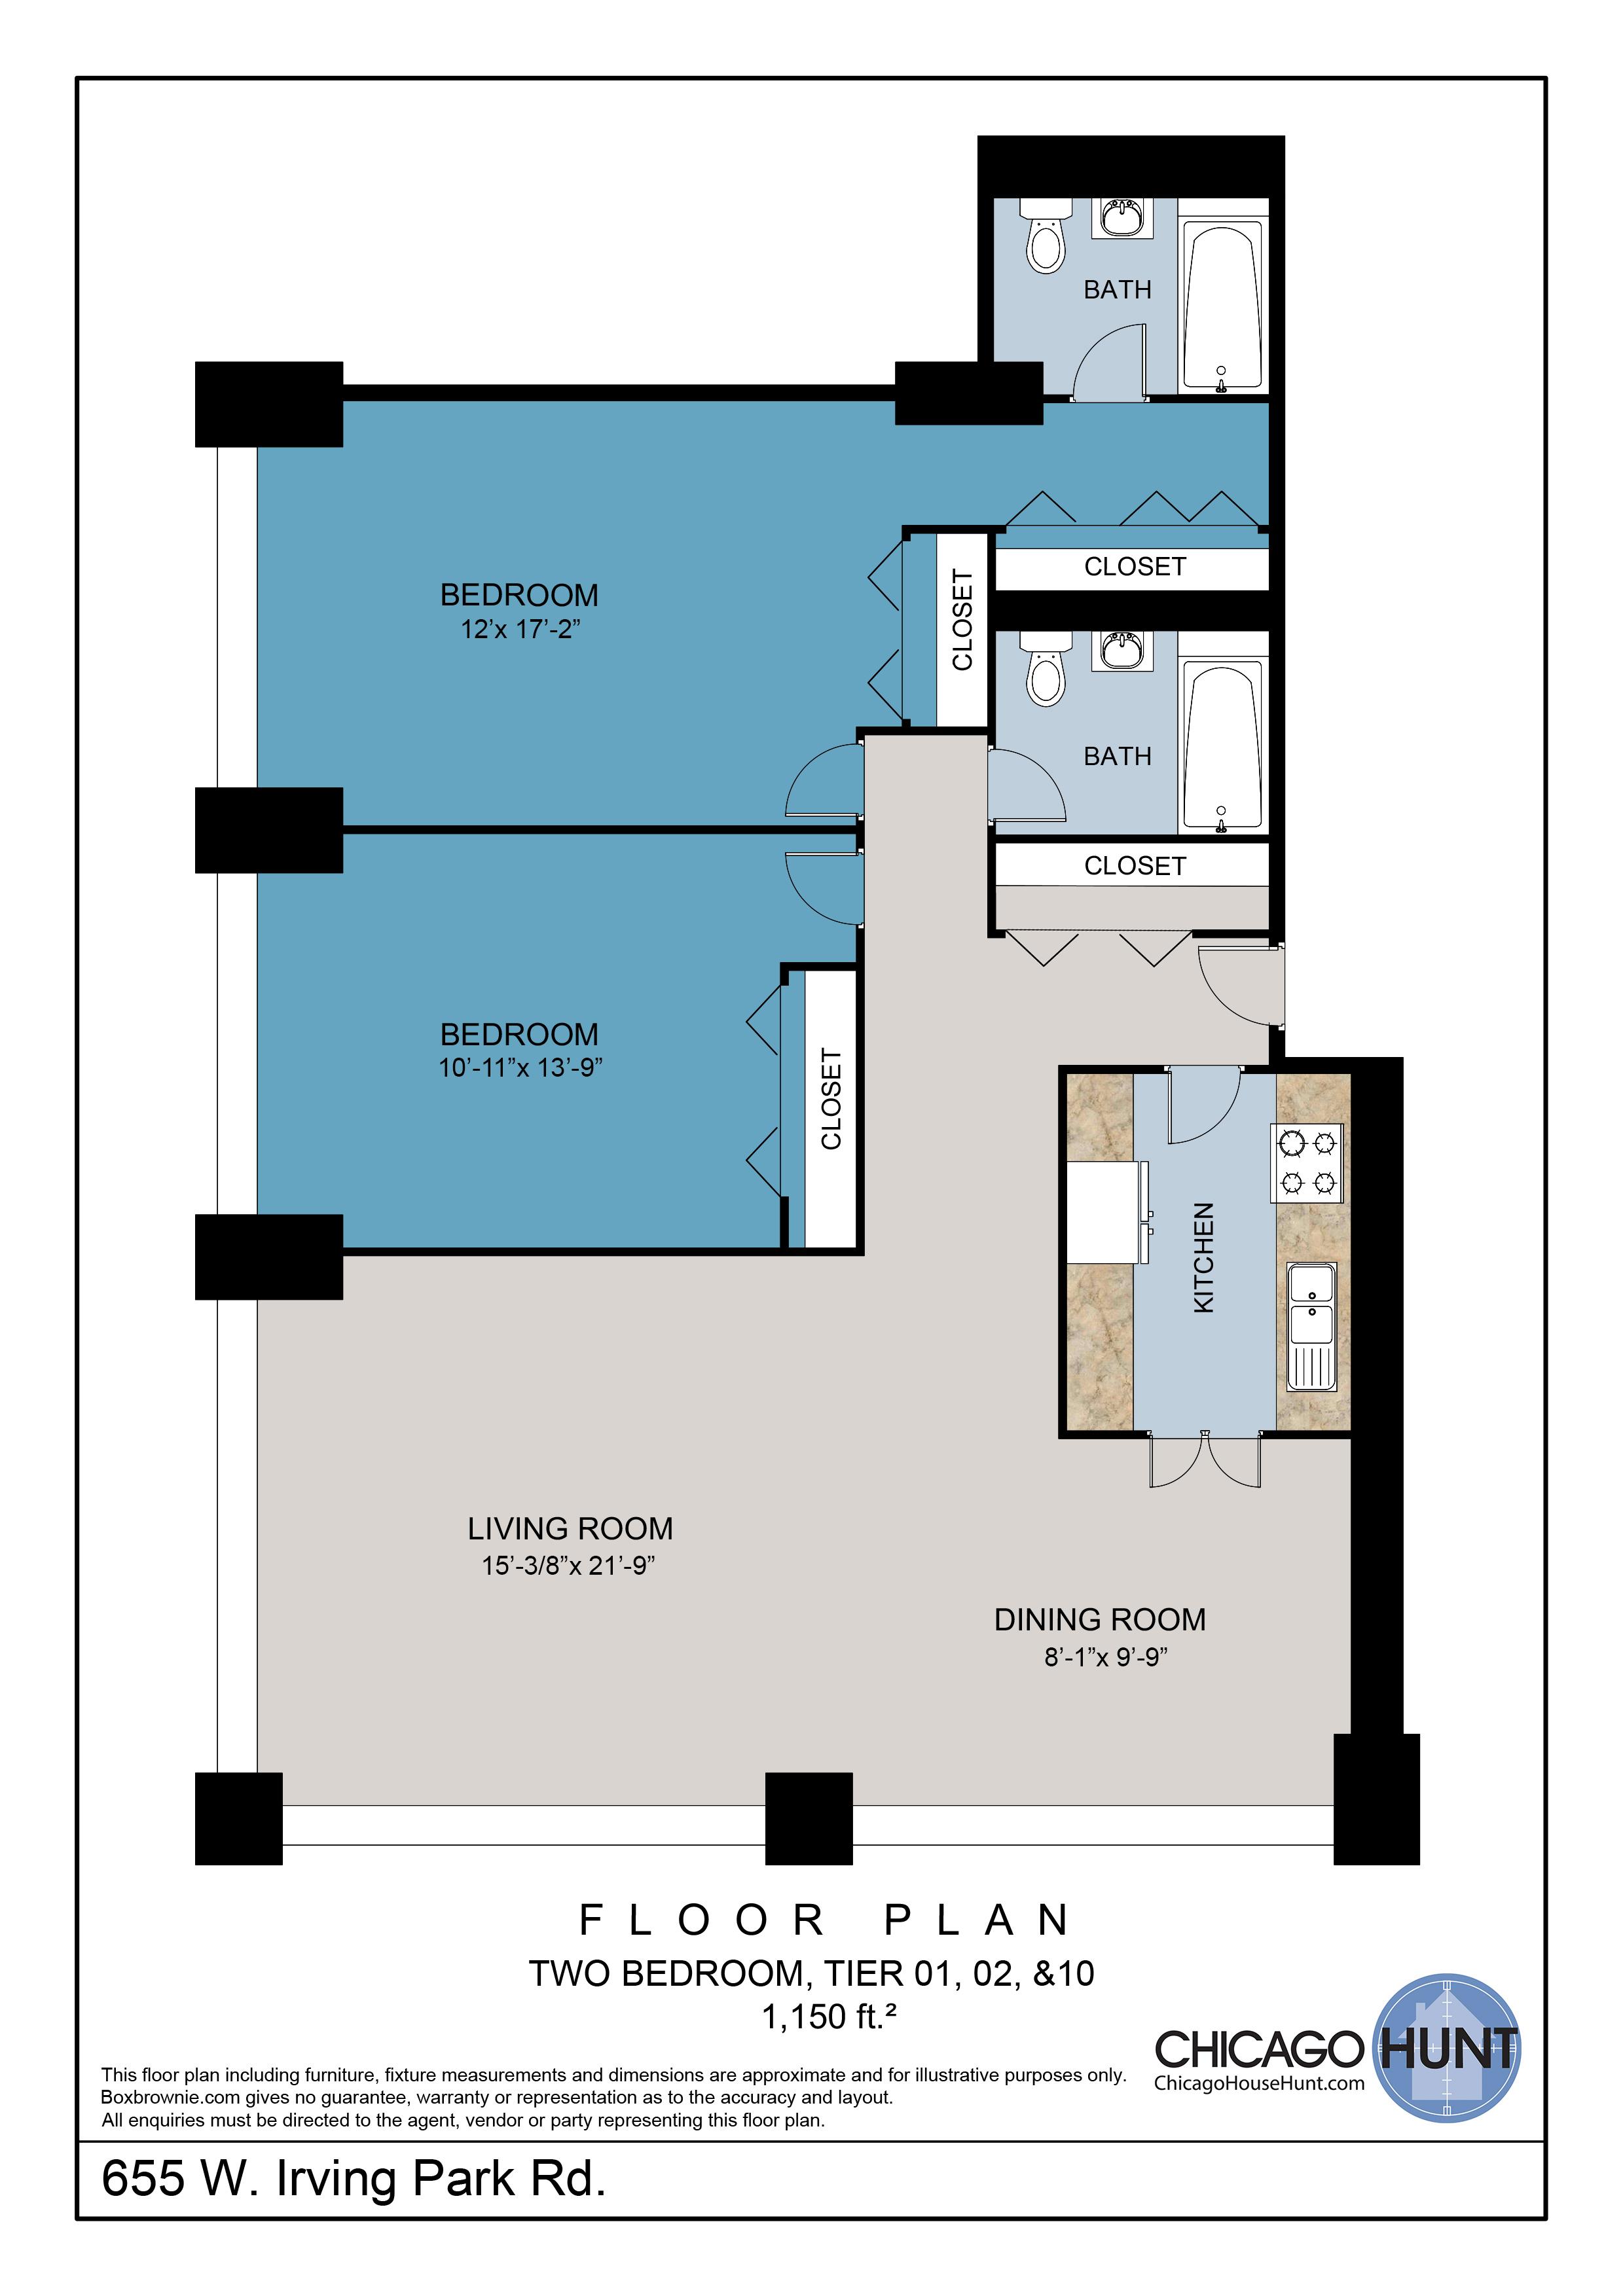 655 Irving Park, Park Place Towere - Floor Plan - Tier 01, 02, & 10